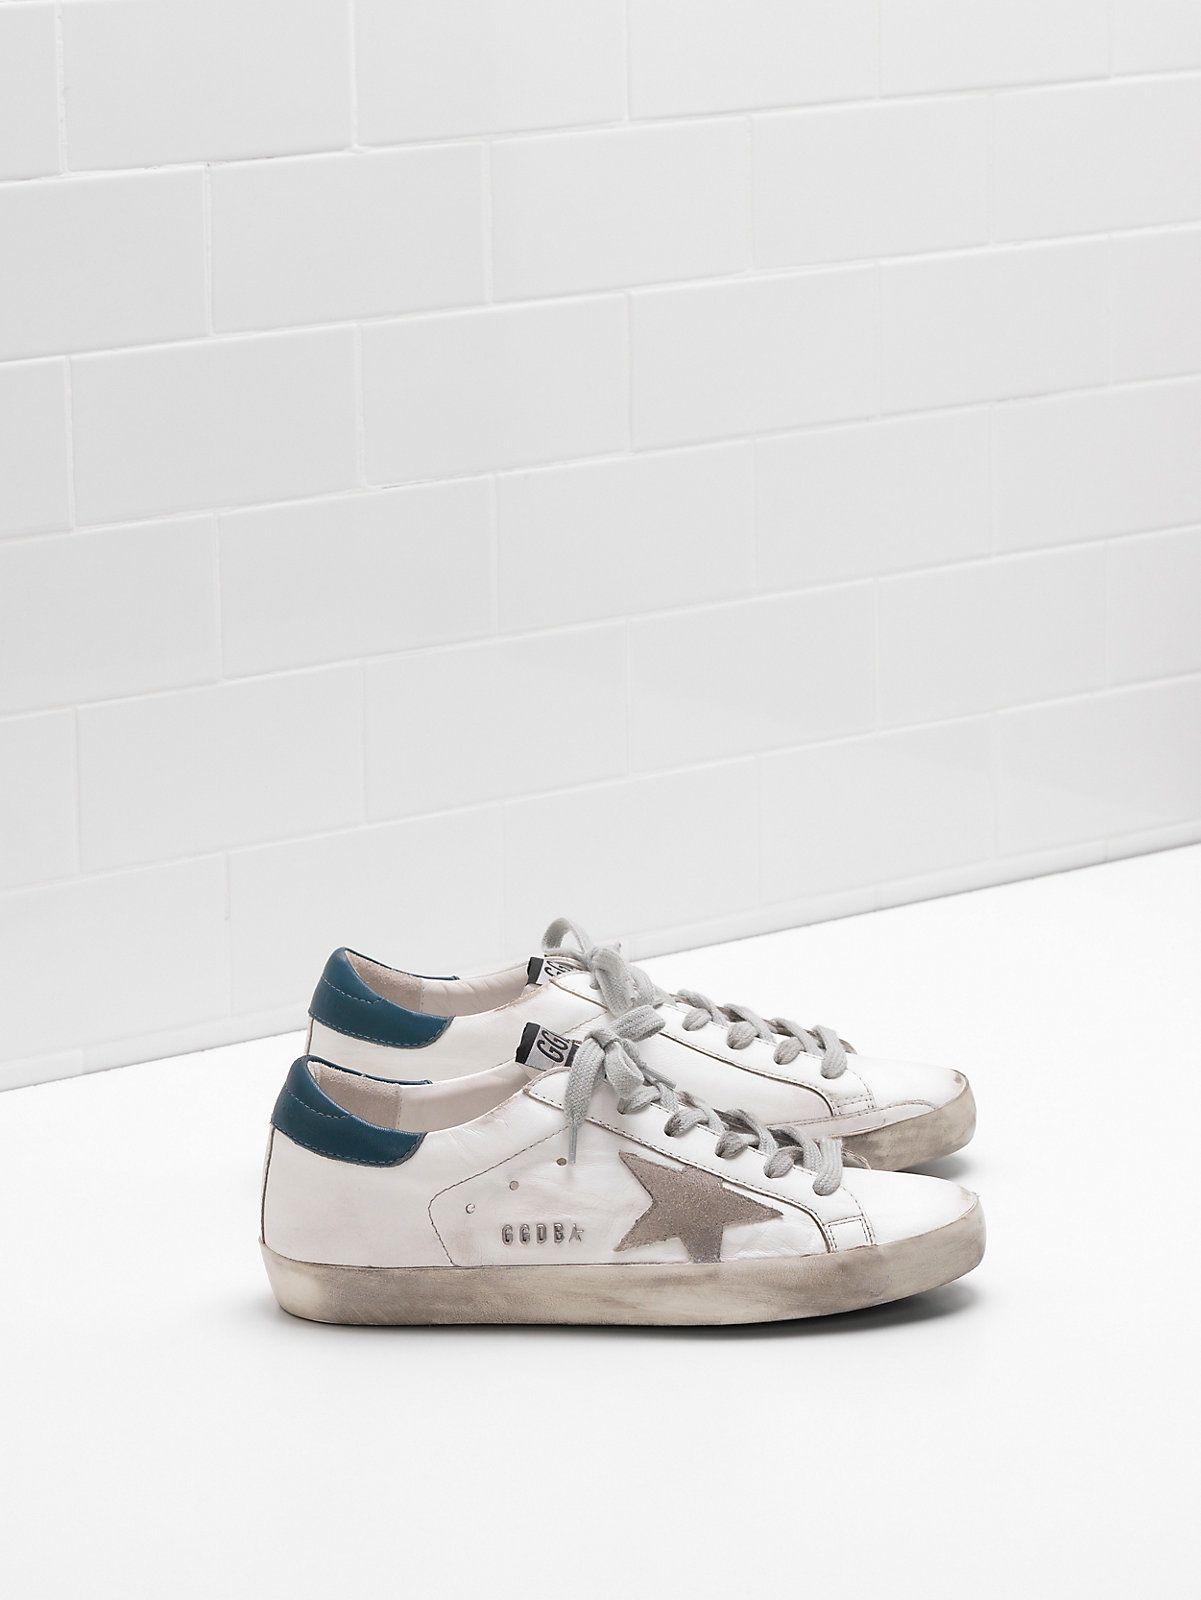 Golden Goose GGDB Superstar Sneakers